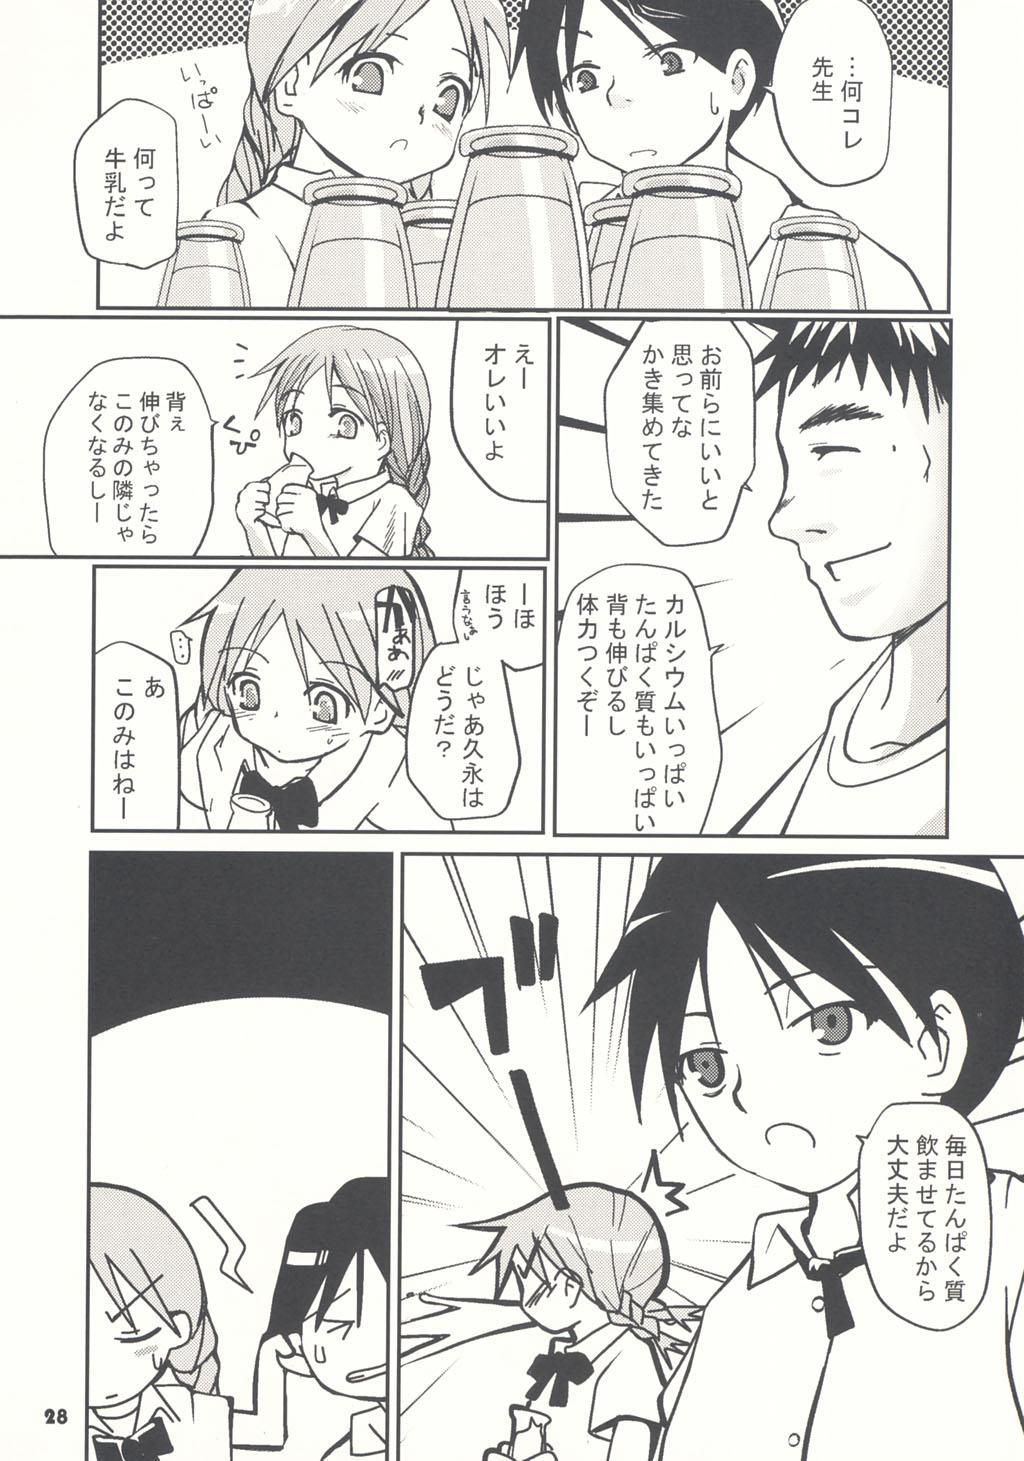 Tonari no Kimi 1-gakki 27